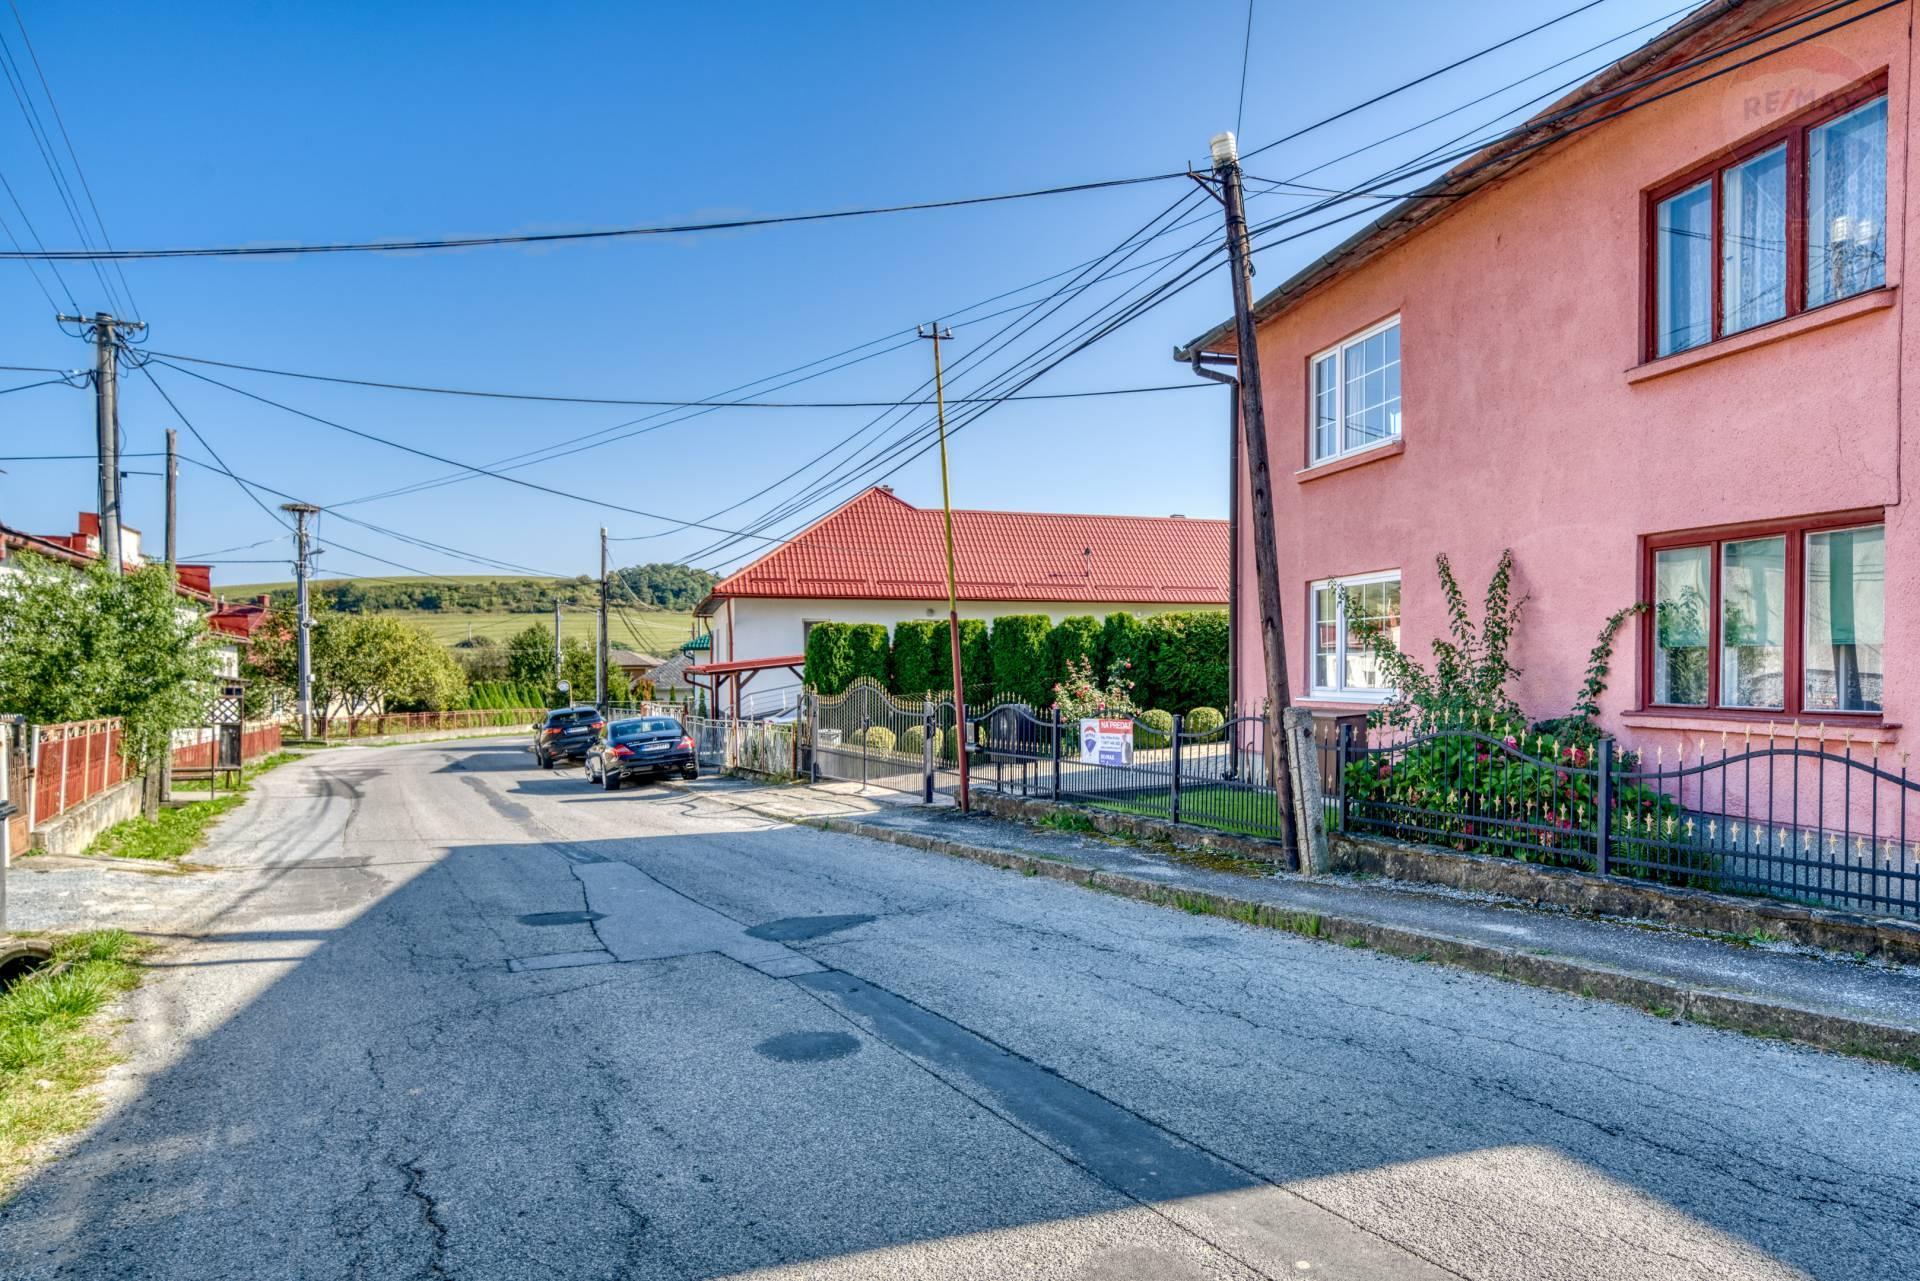 Predaj domu 131 m2, Hrabkov - Rodinný dom na predaj, obec Hrabkov